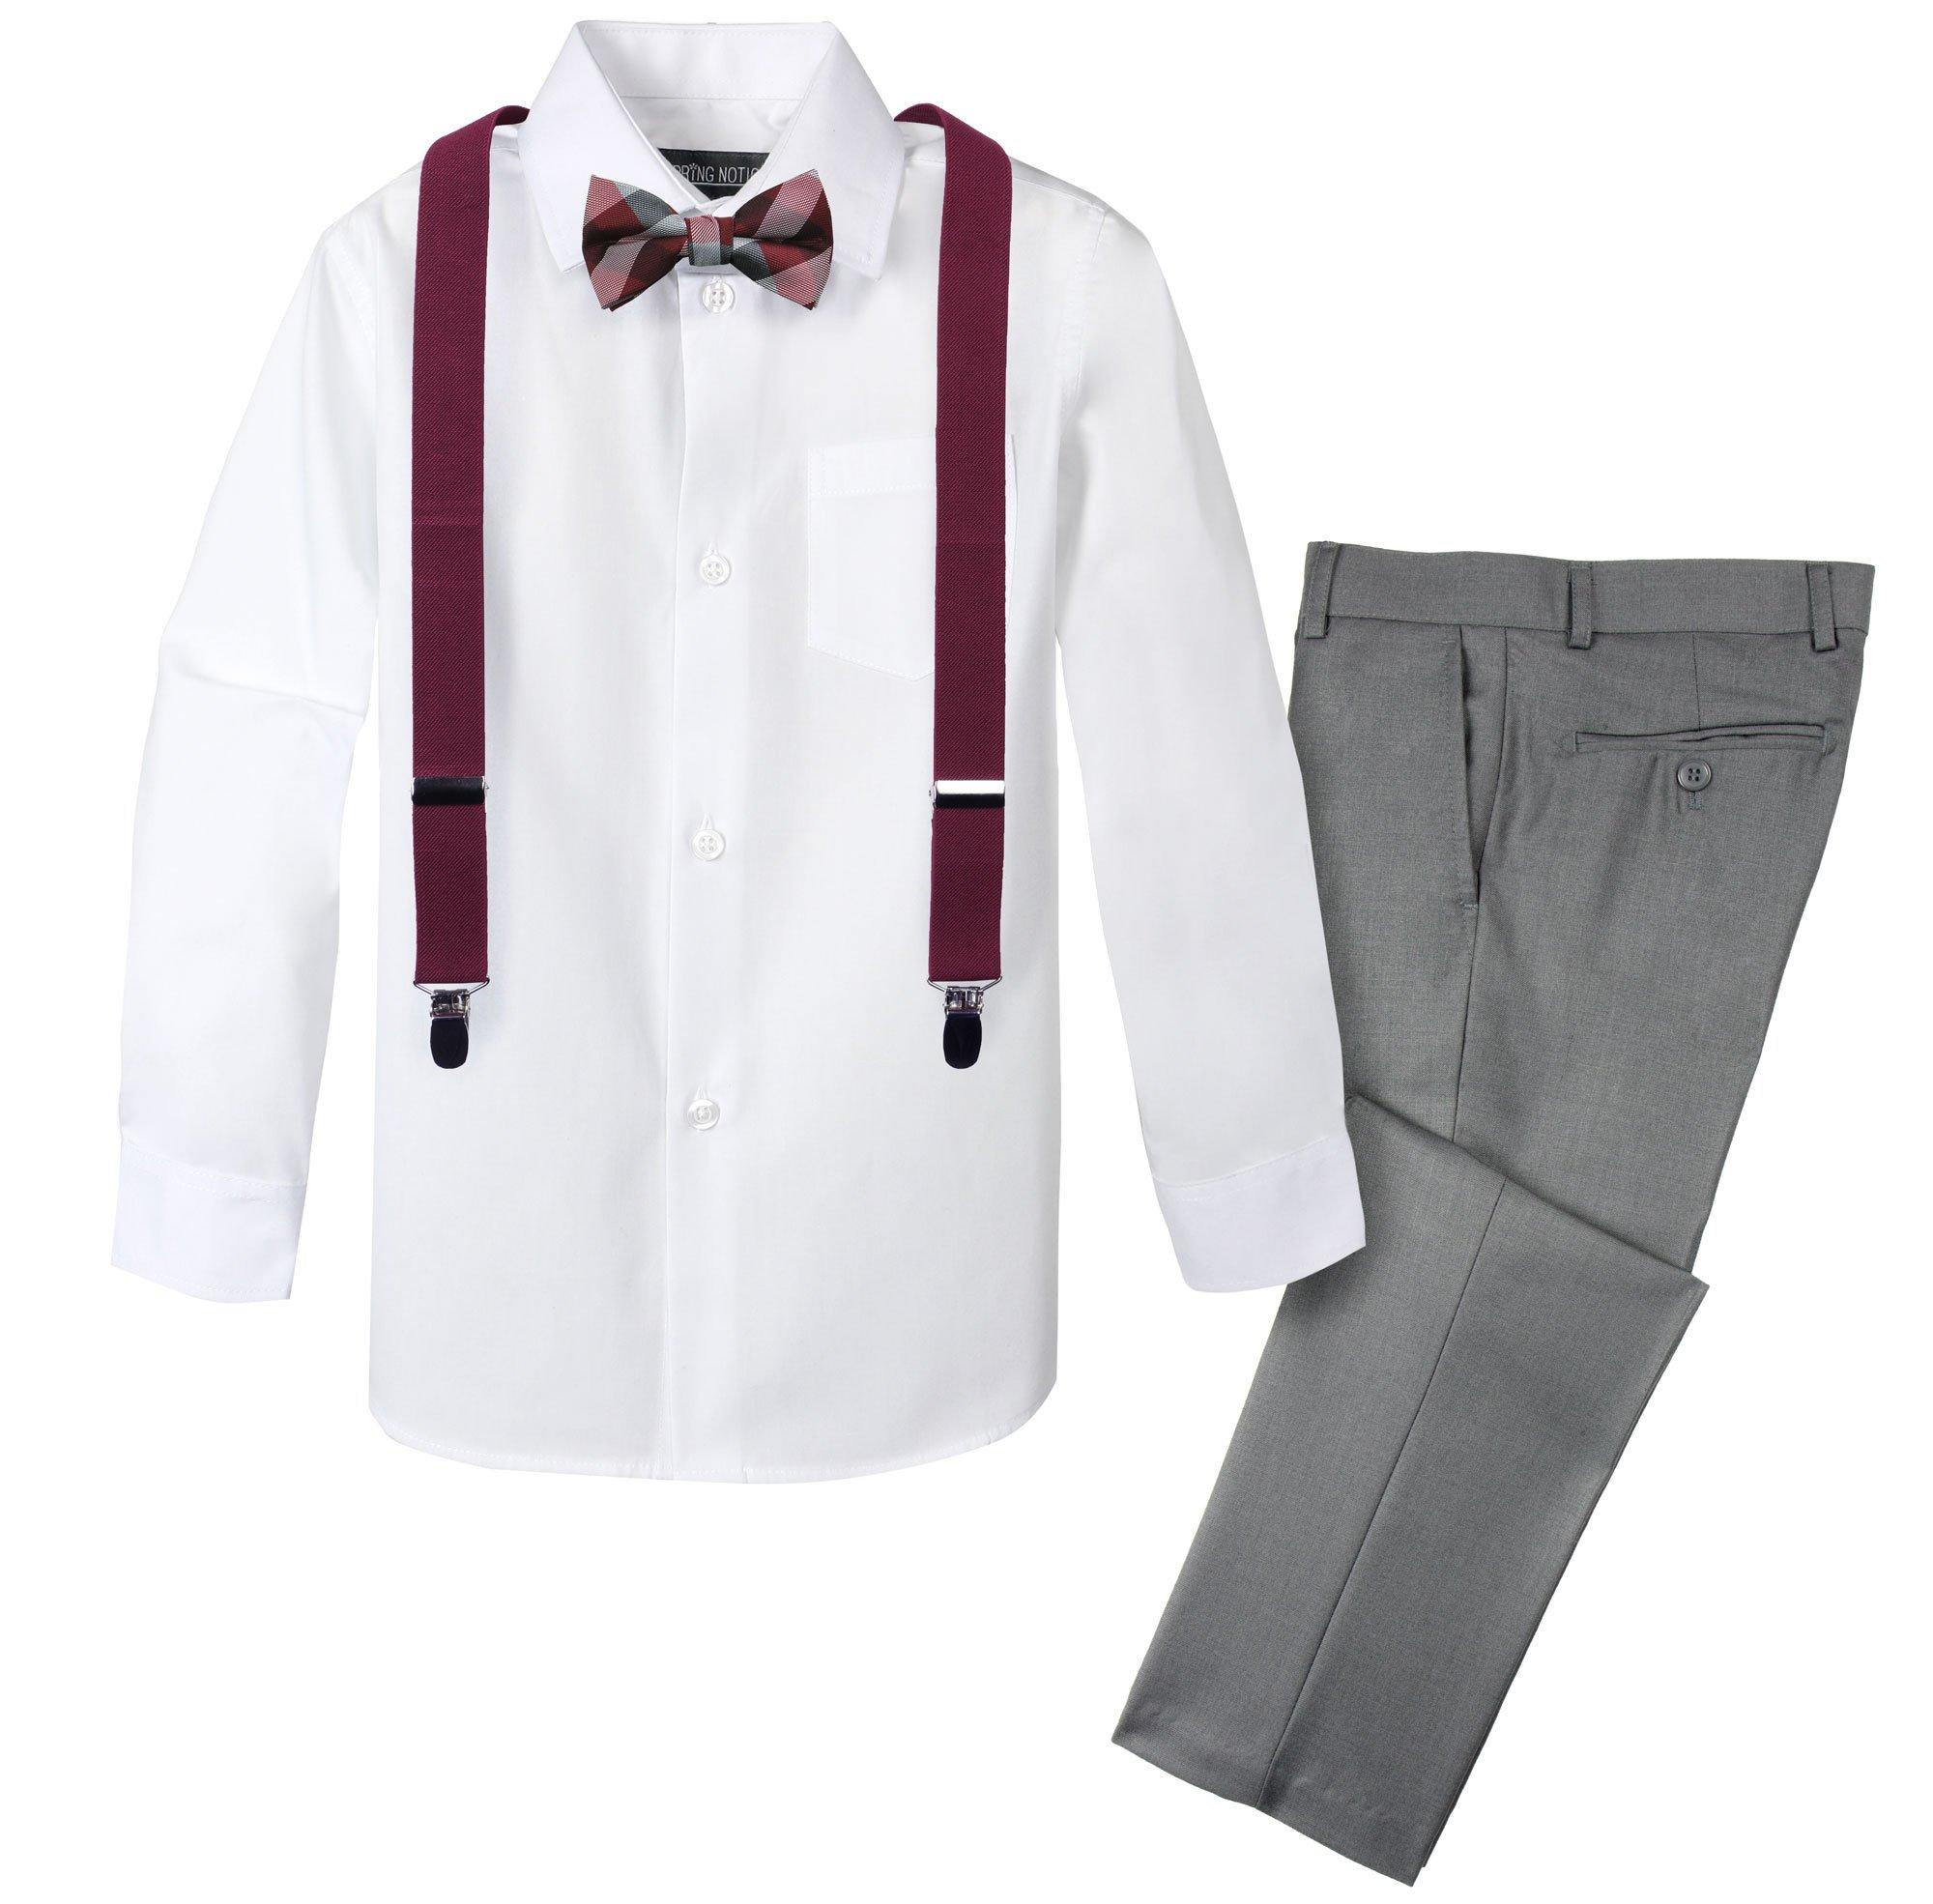 Spring Notion Boys' 4-Piece Patterned Dress up